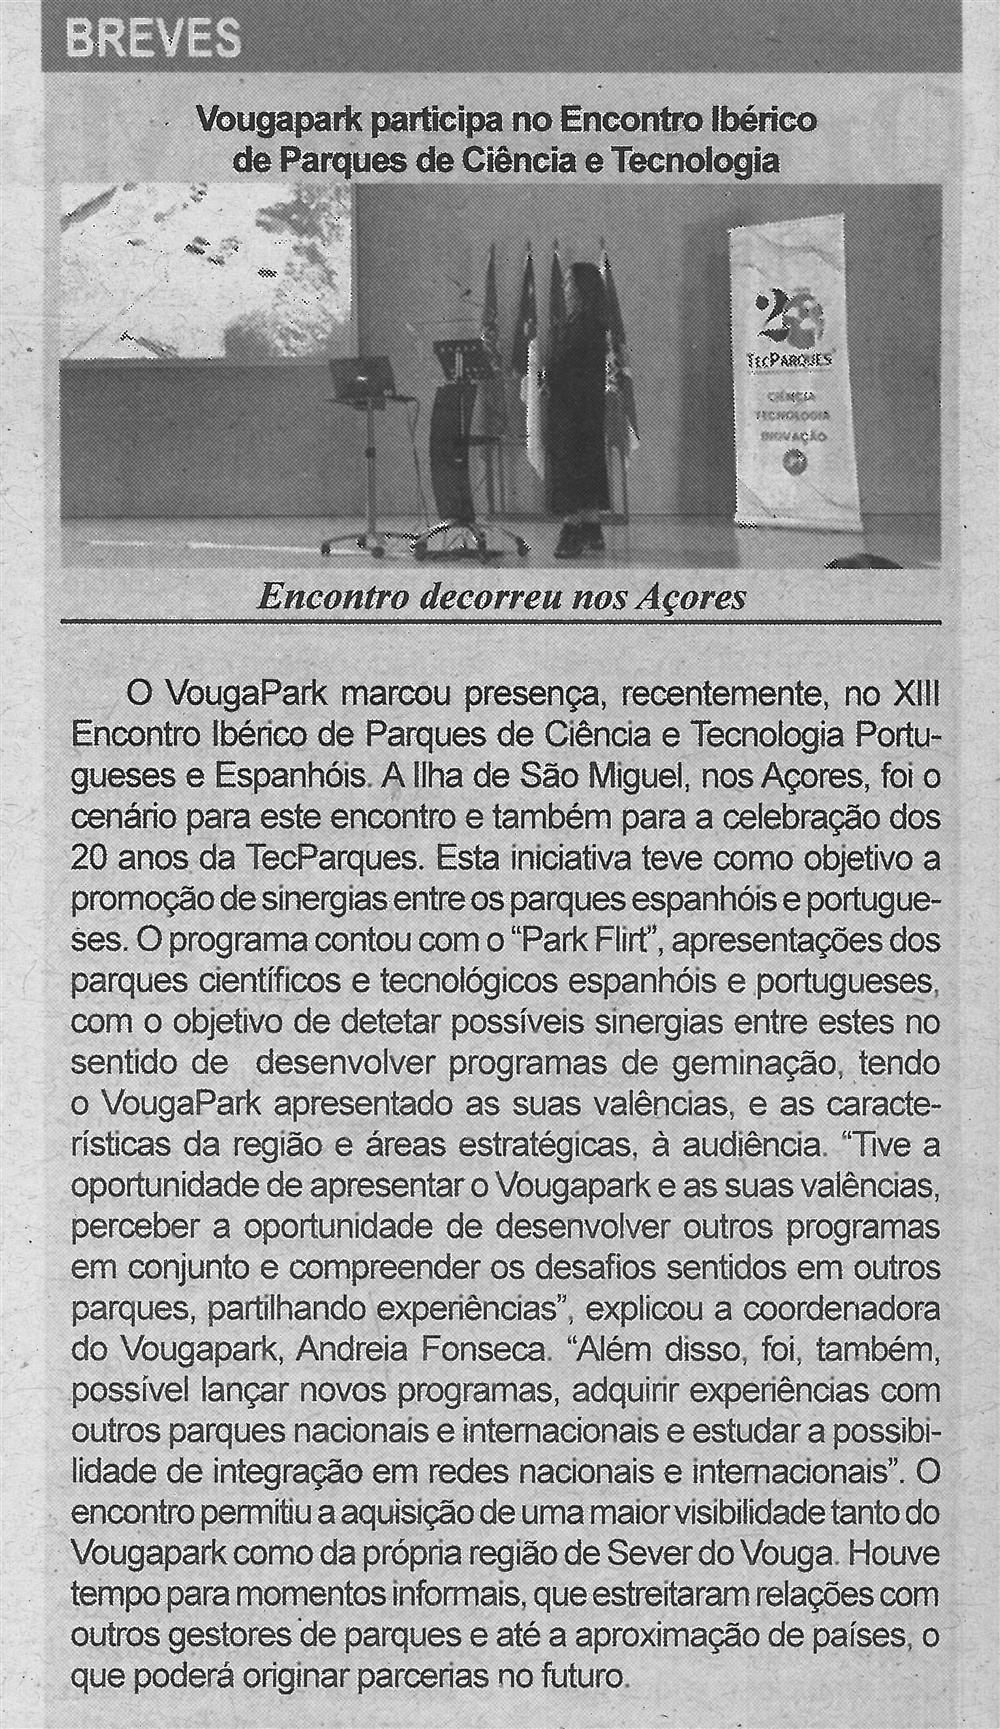 BV-2.ªdez.'19-p.6-VougaPark participa no Encontro Ibérico de Parques de Ciência e Tecnologia : encontro decorreu nos Açores.jpg